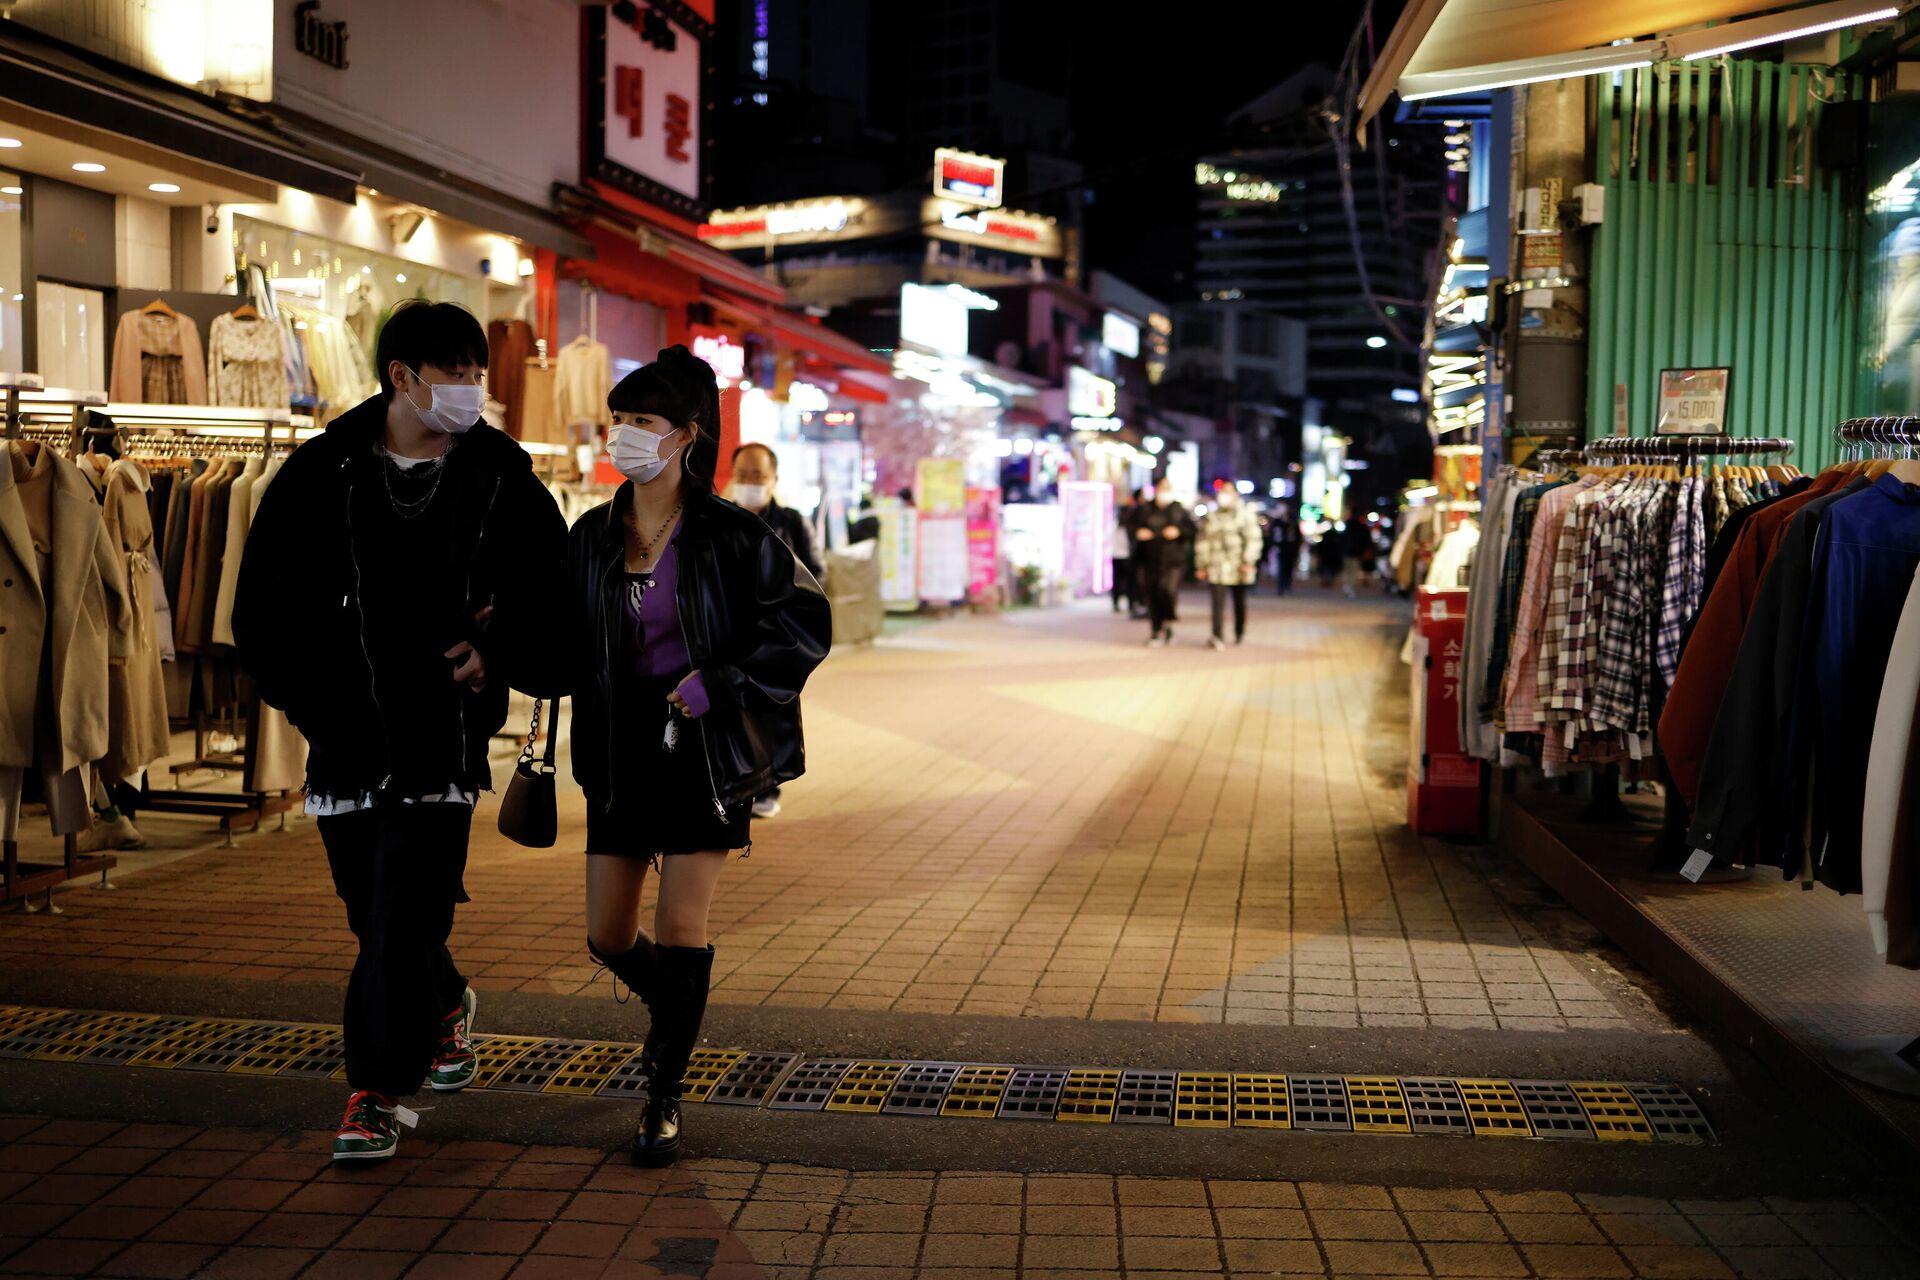 Прохожие на опустевшей торговой улице в Сеуле, Южная Корея  - РИА Новости, 1920, 25.11.2020